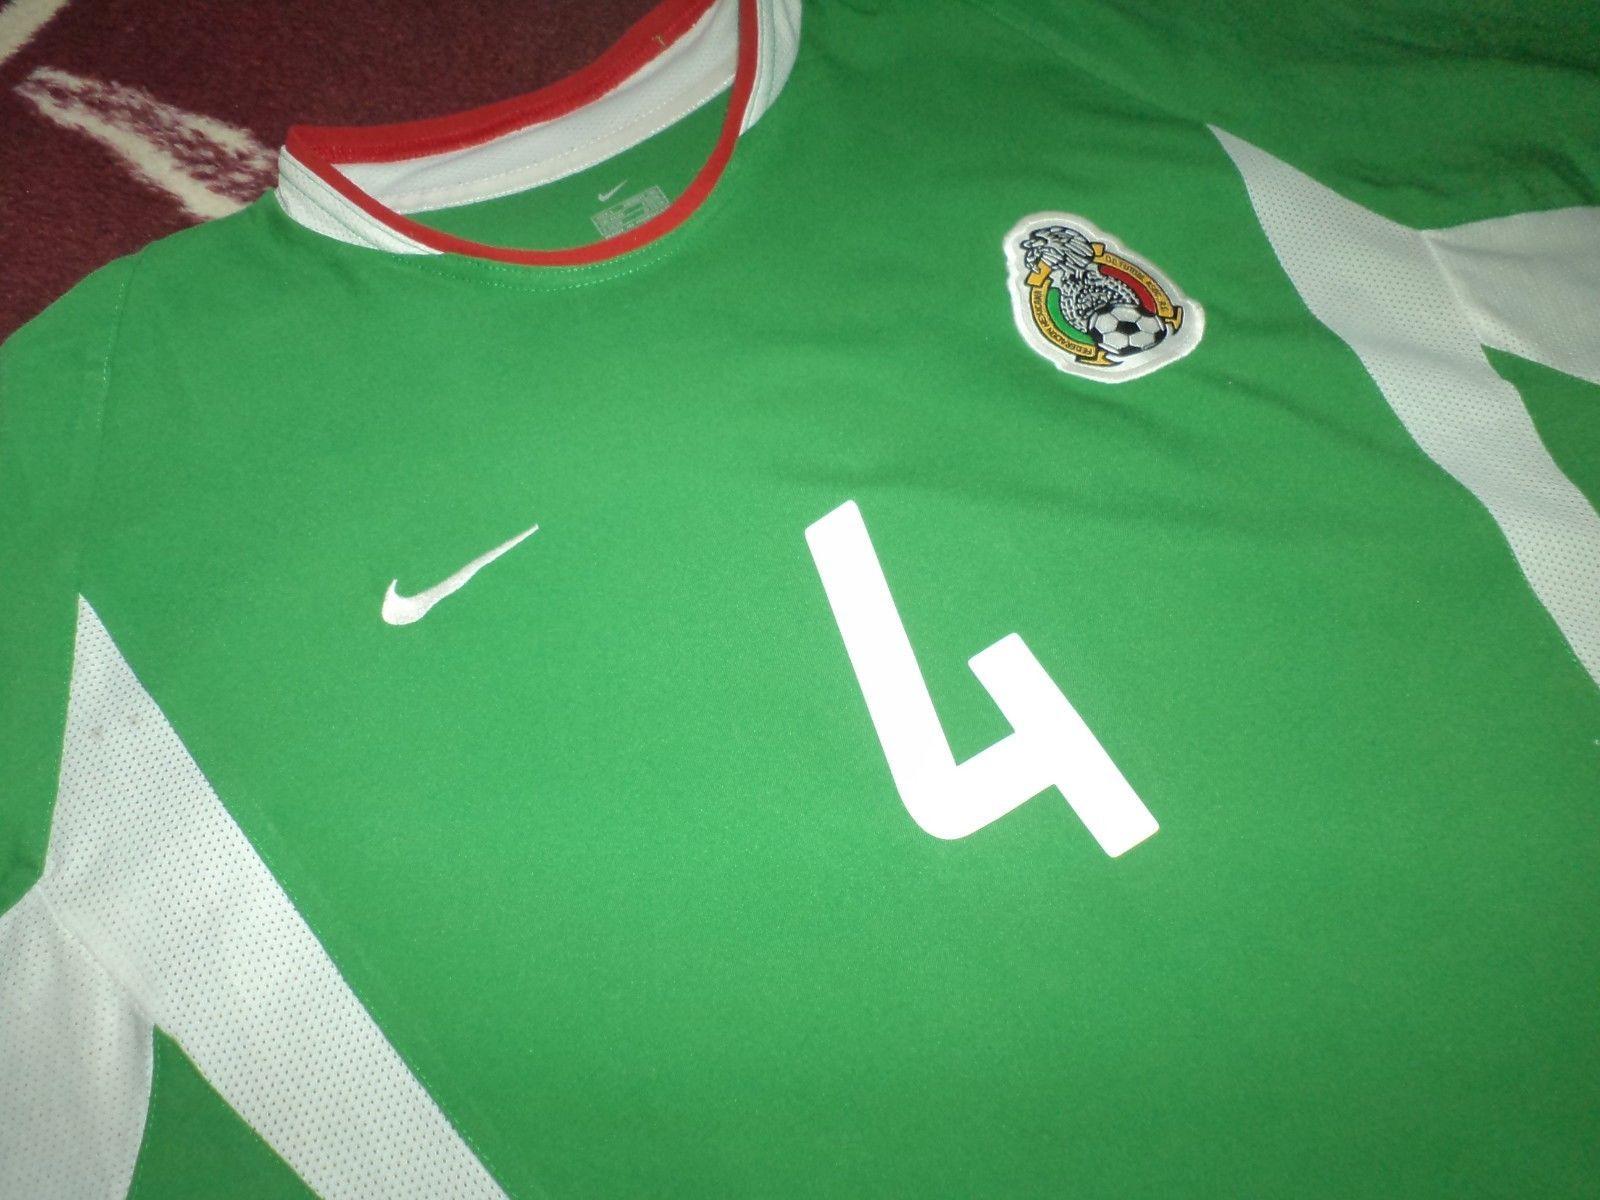 be4a016c2 Jersey mexico rafael marquez seleccion mexicana 2002 nike rare vintage shirt  (eBay Link)